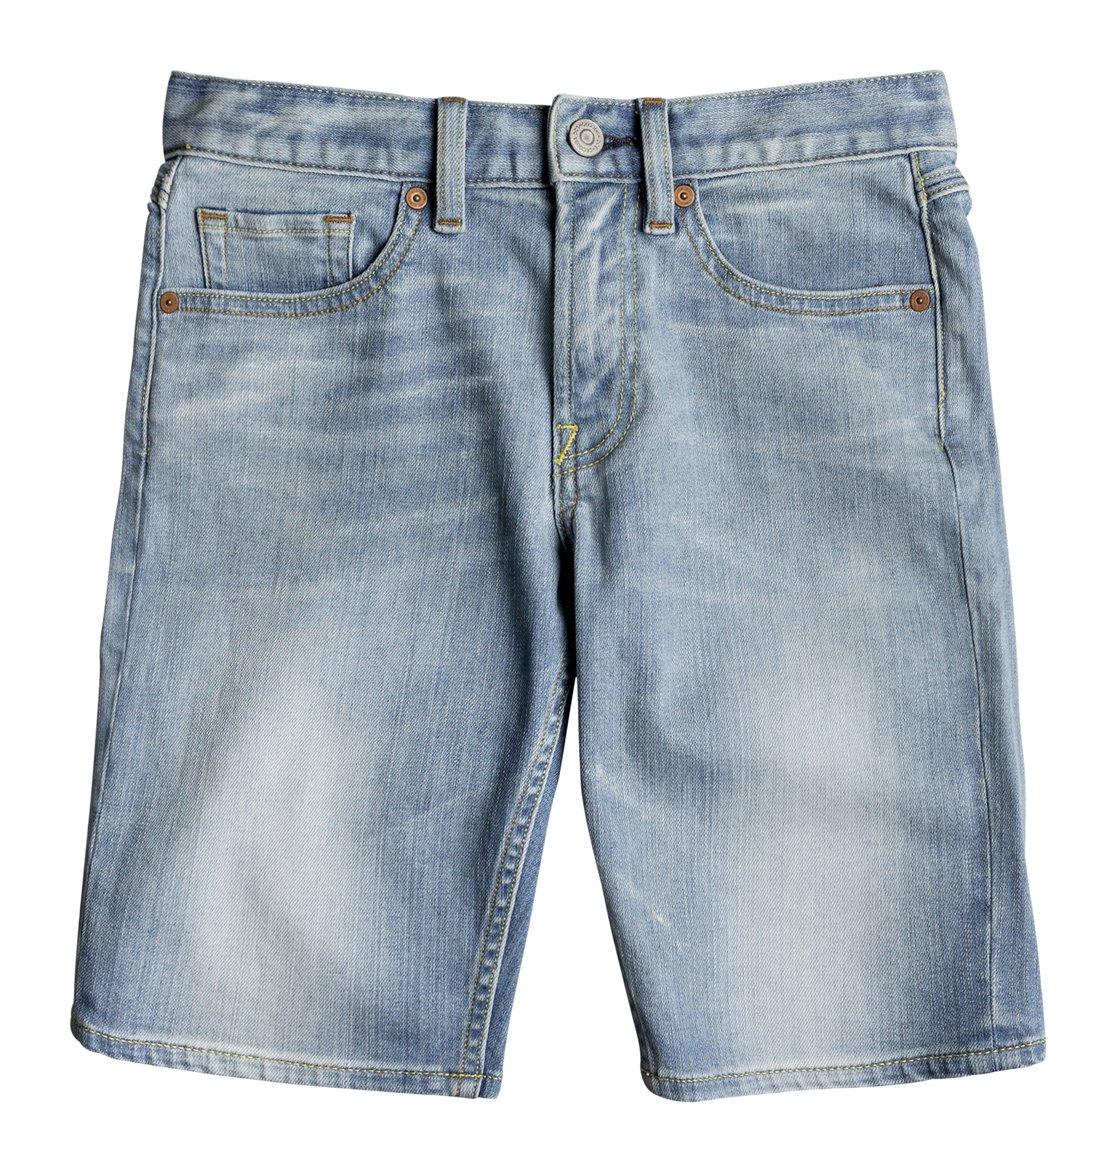 Джинсовые шорты Worker Light Indigo Blue